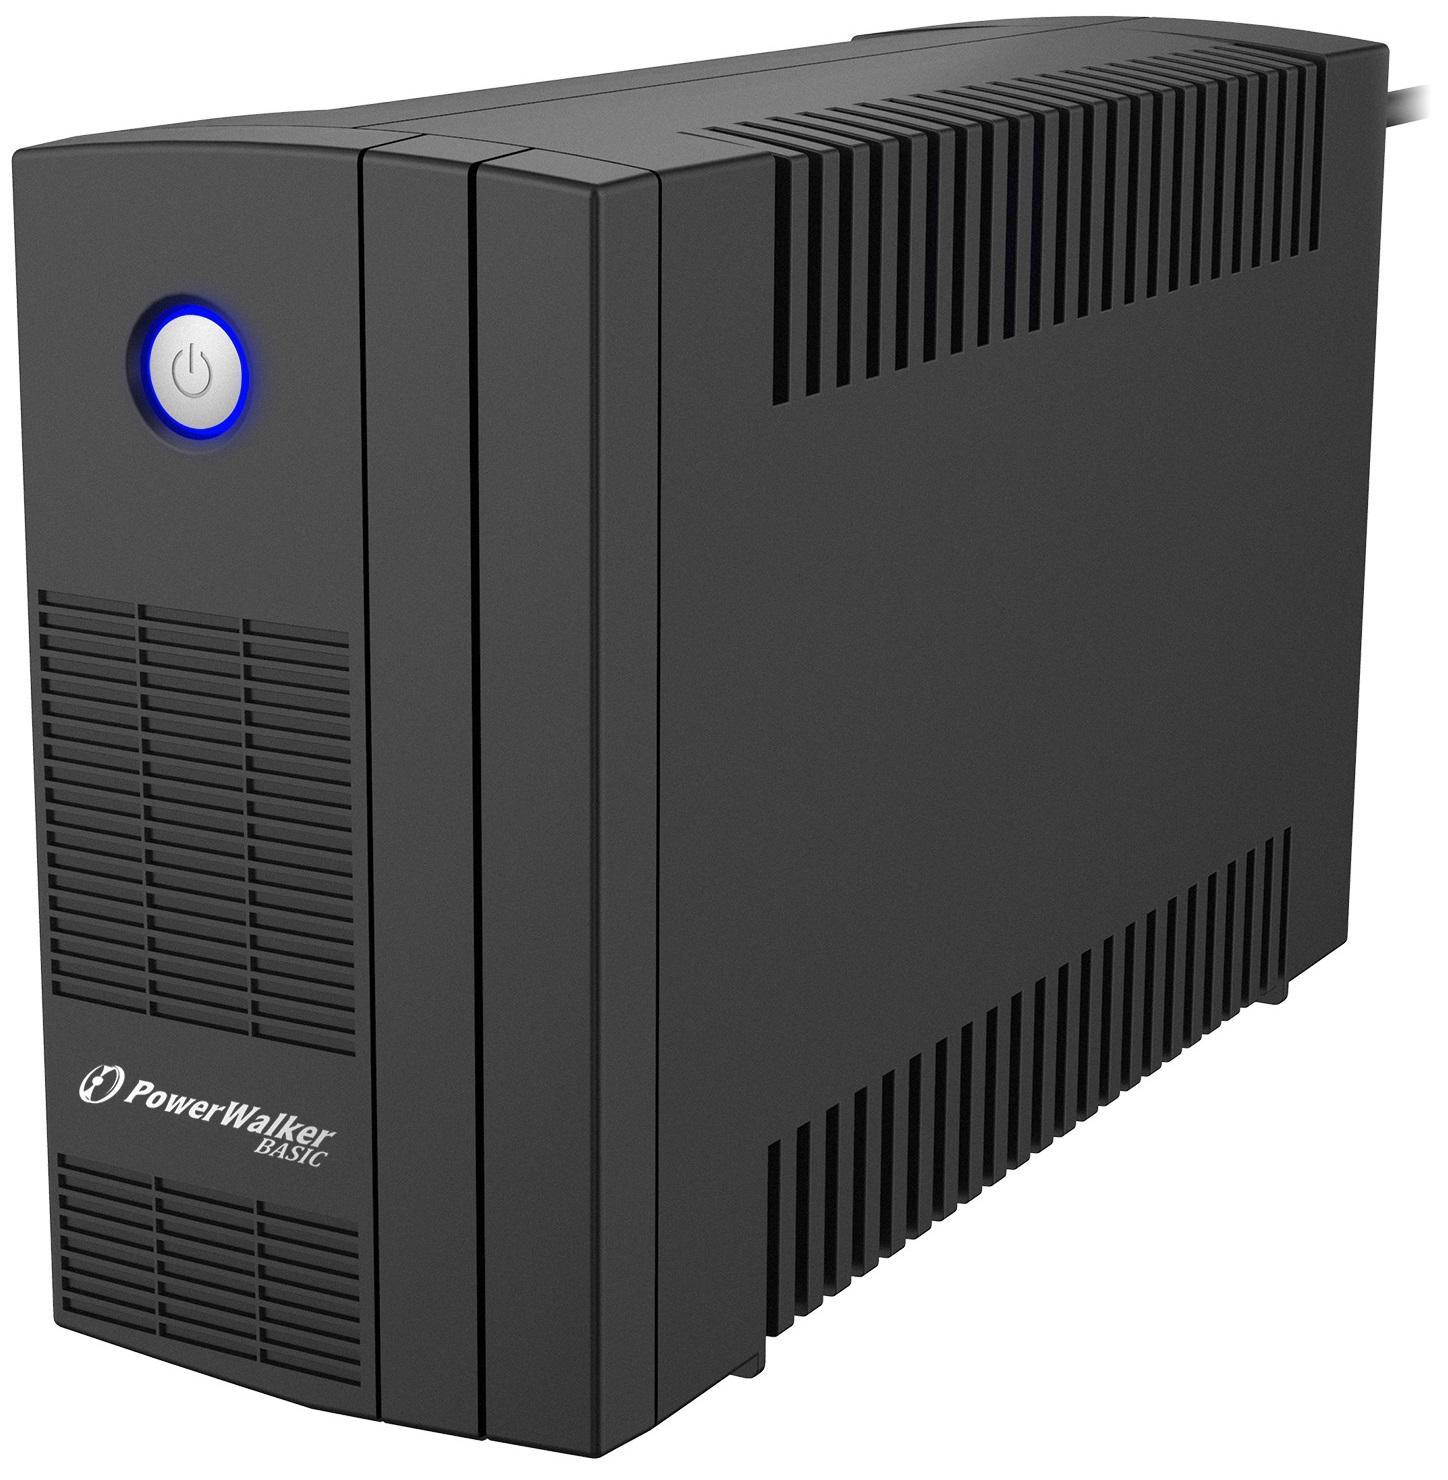 UPS POWERWALKER VI 650 SB, 650VA Line Interactive